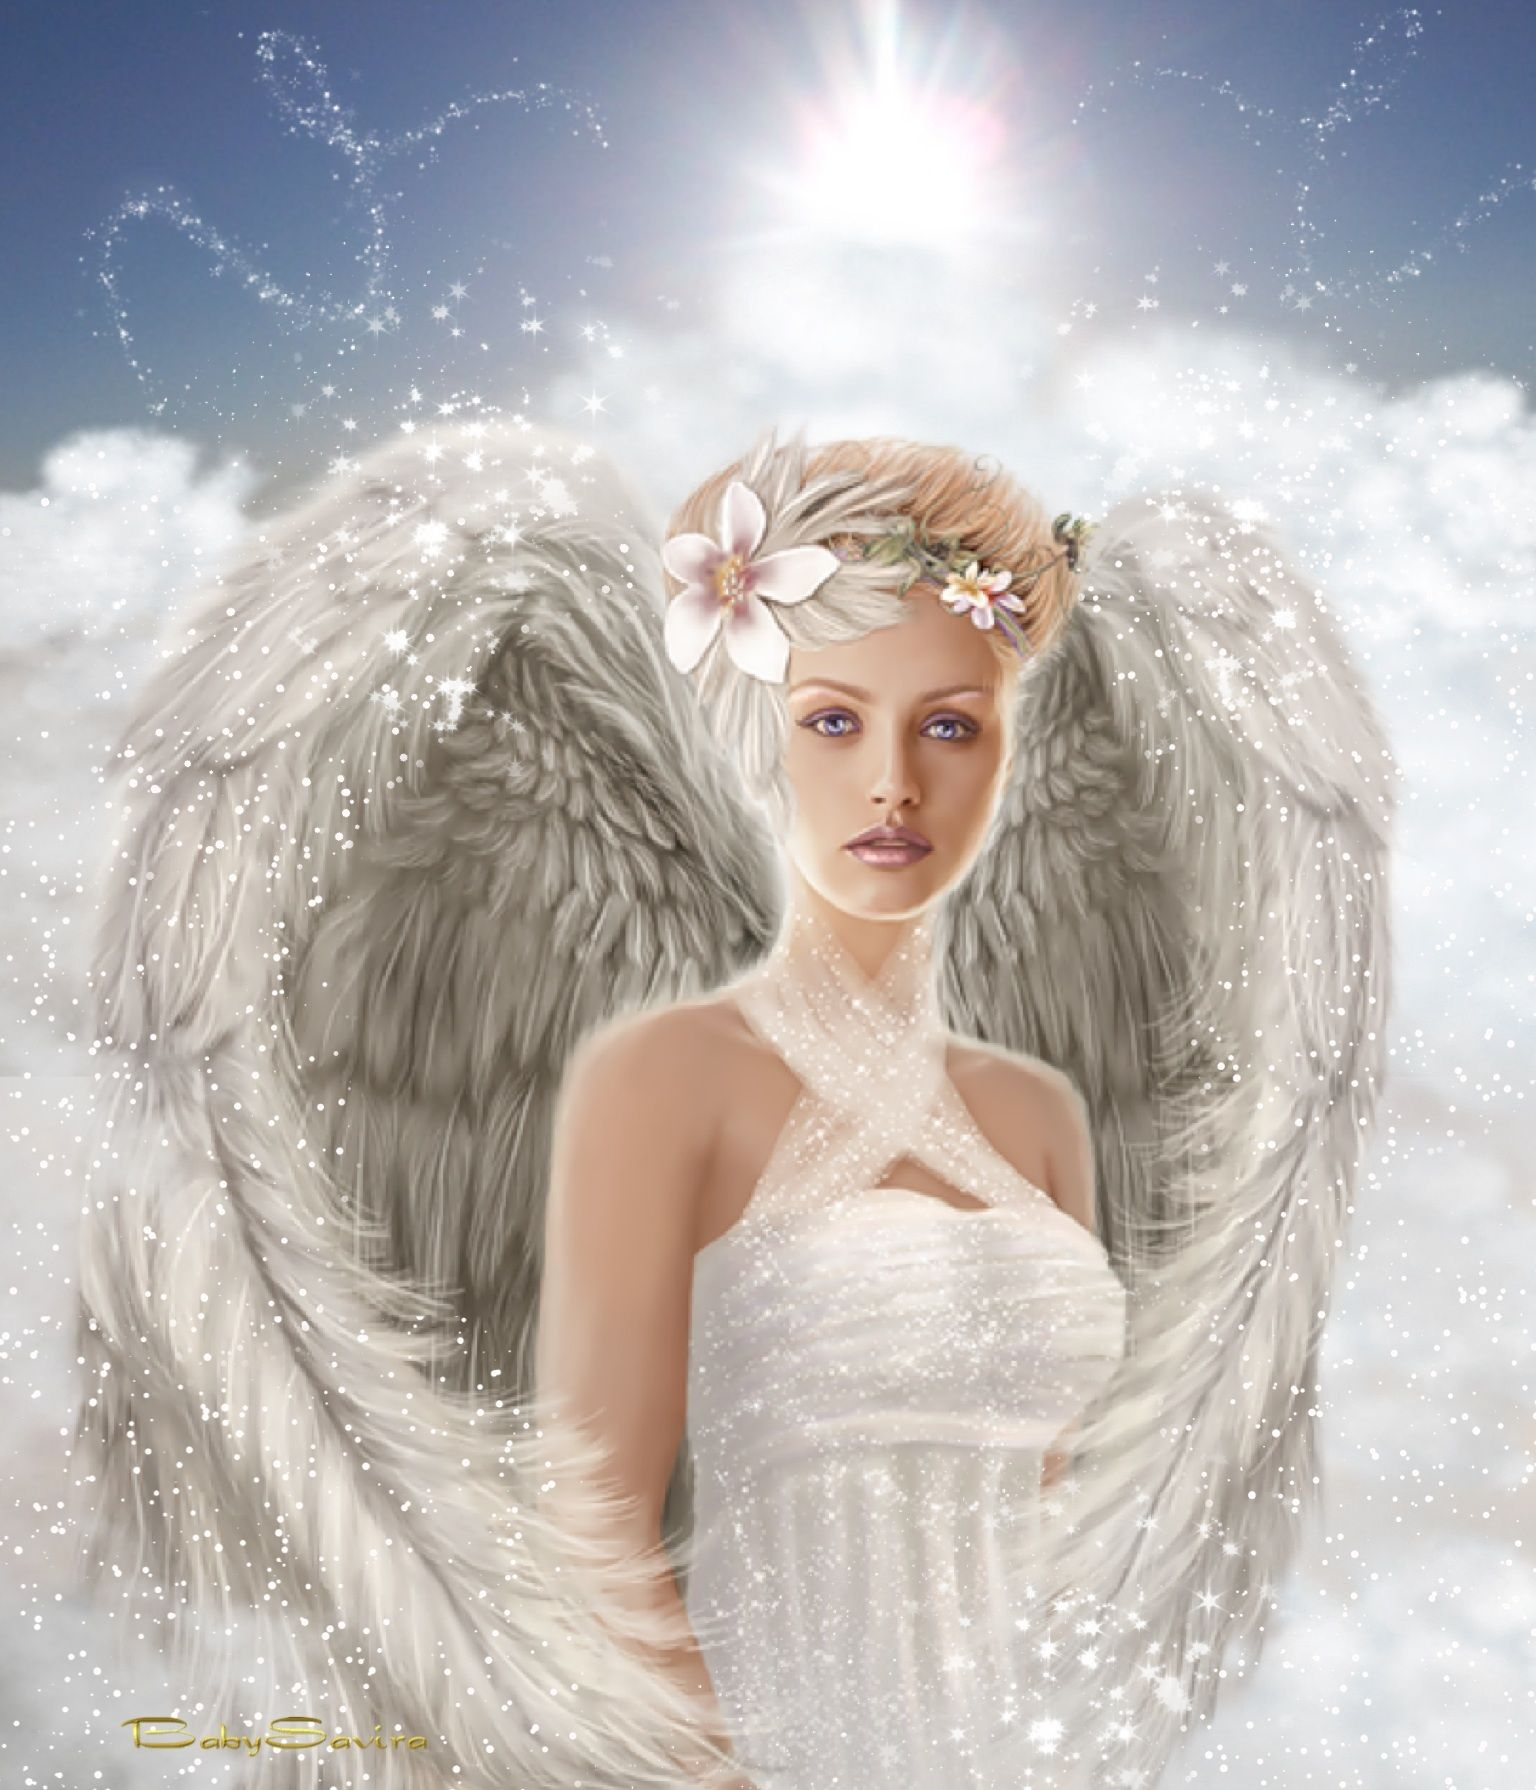 картинка с ангелом береги себя может